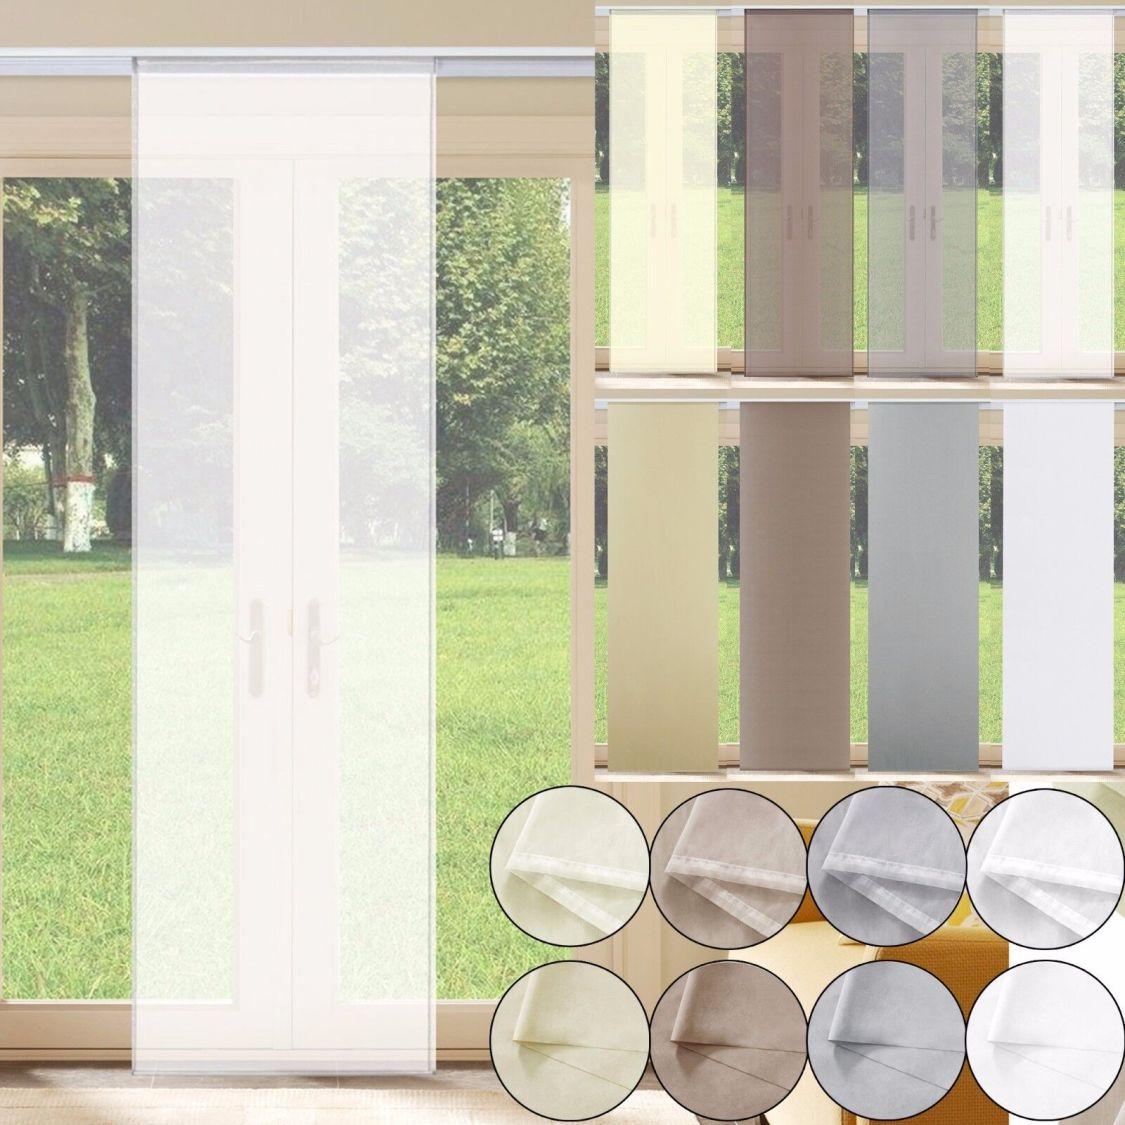 Schiebevorhang Schiebegardine transparent o. Blickdicht Flächenvorhang Gardine